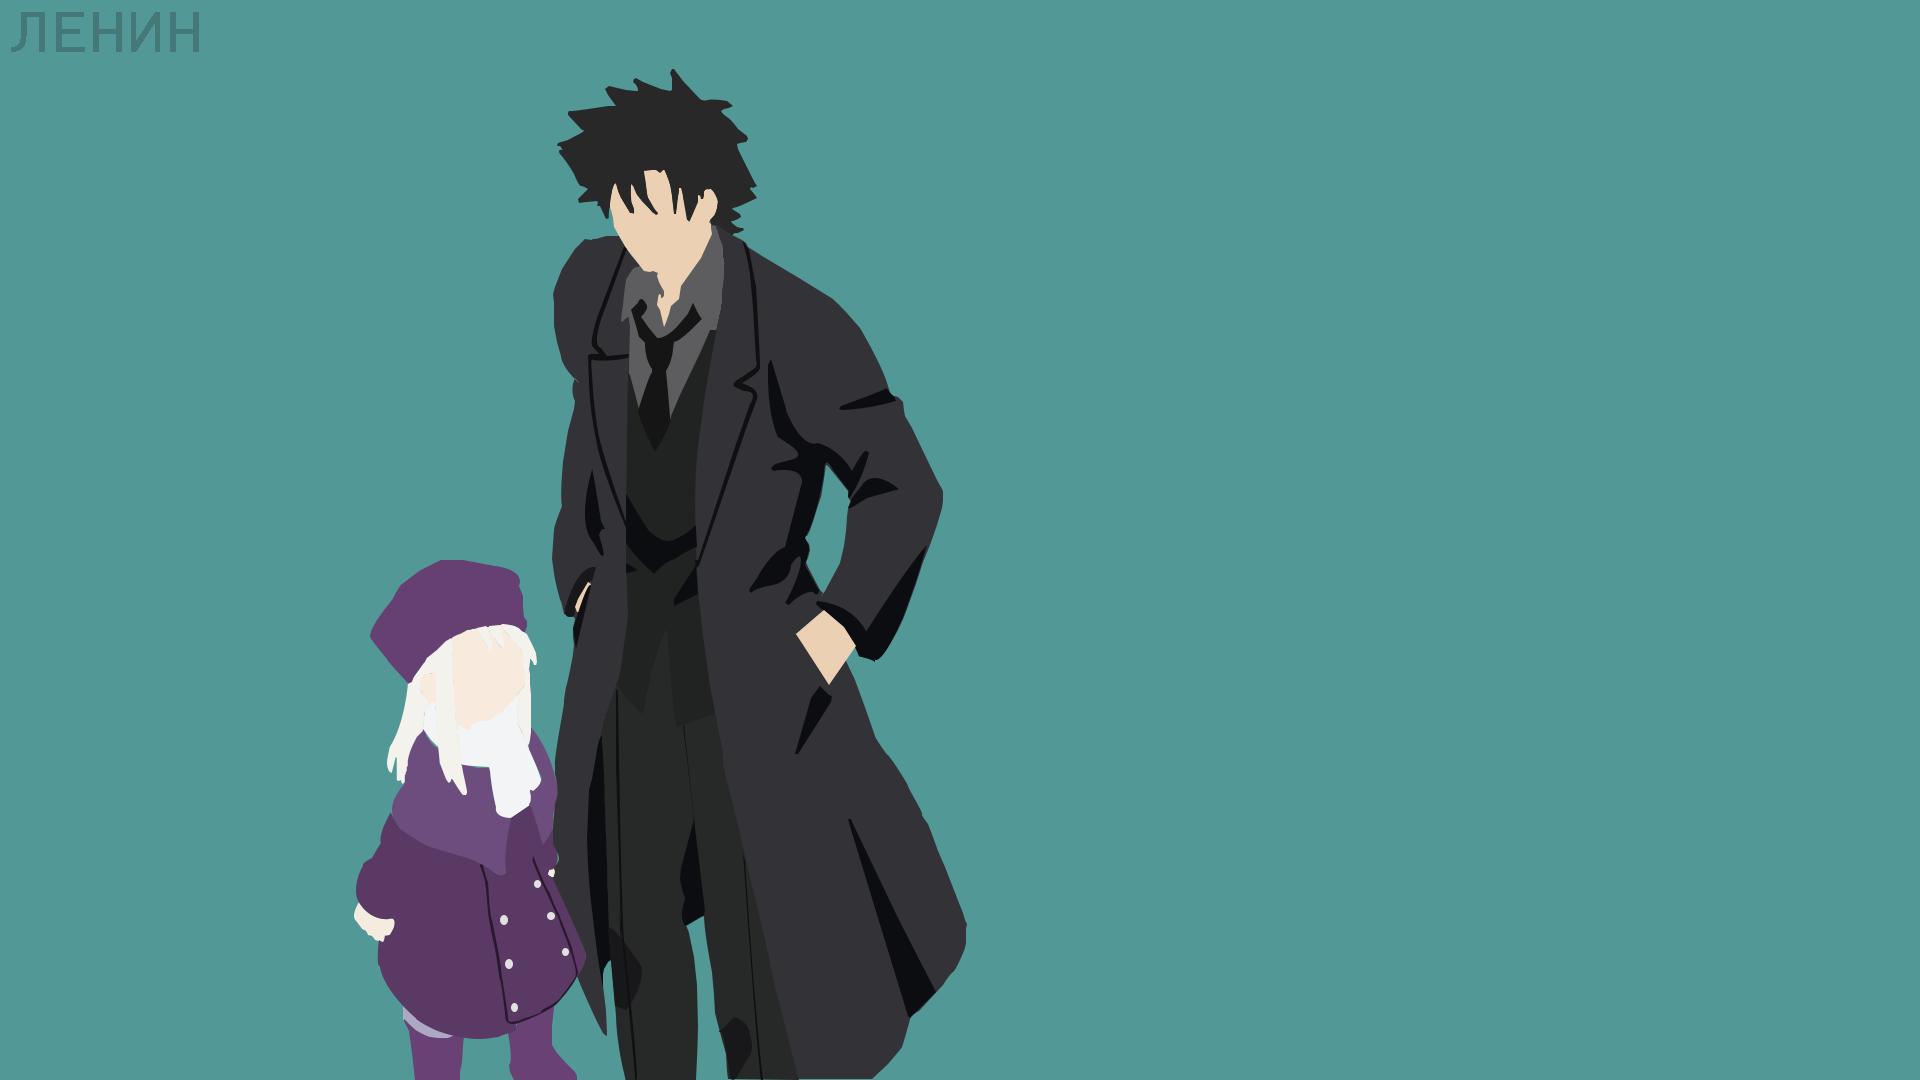 Anime Black Hair Boy Coat Fate Series Fate Zero Girl Hat Illyasviel Von Einzbern Kiritsugu Emiya Min 1920x1080